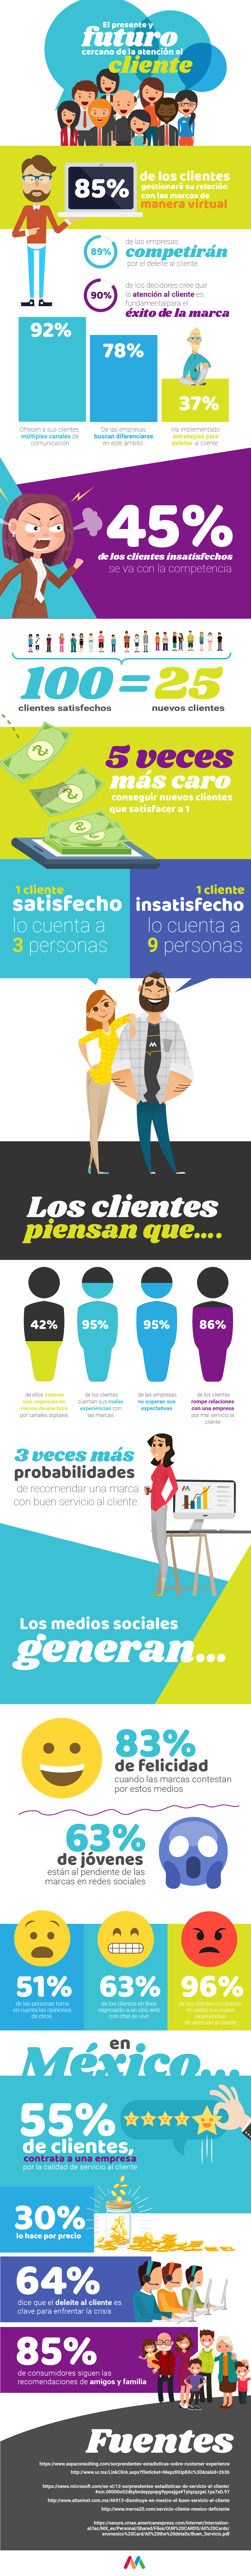 Presente y futuro de la atención al cliente #infografia #infographic #marketing